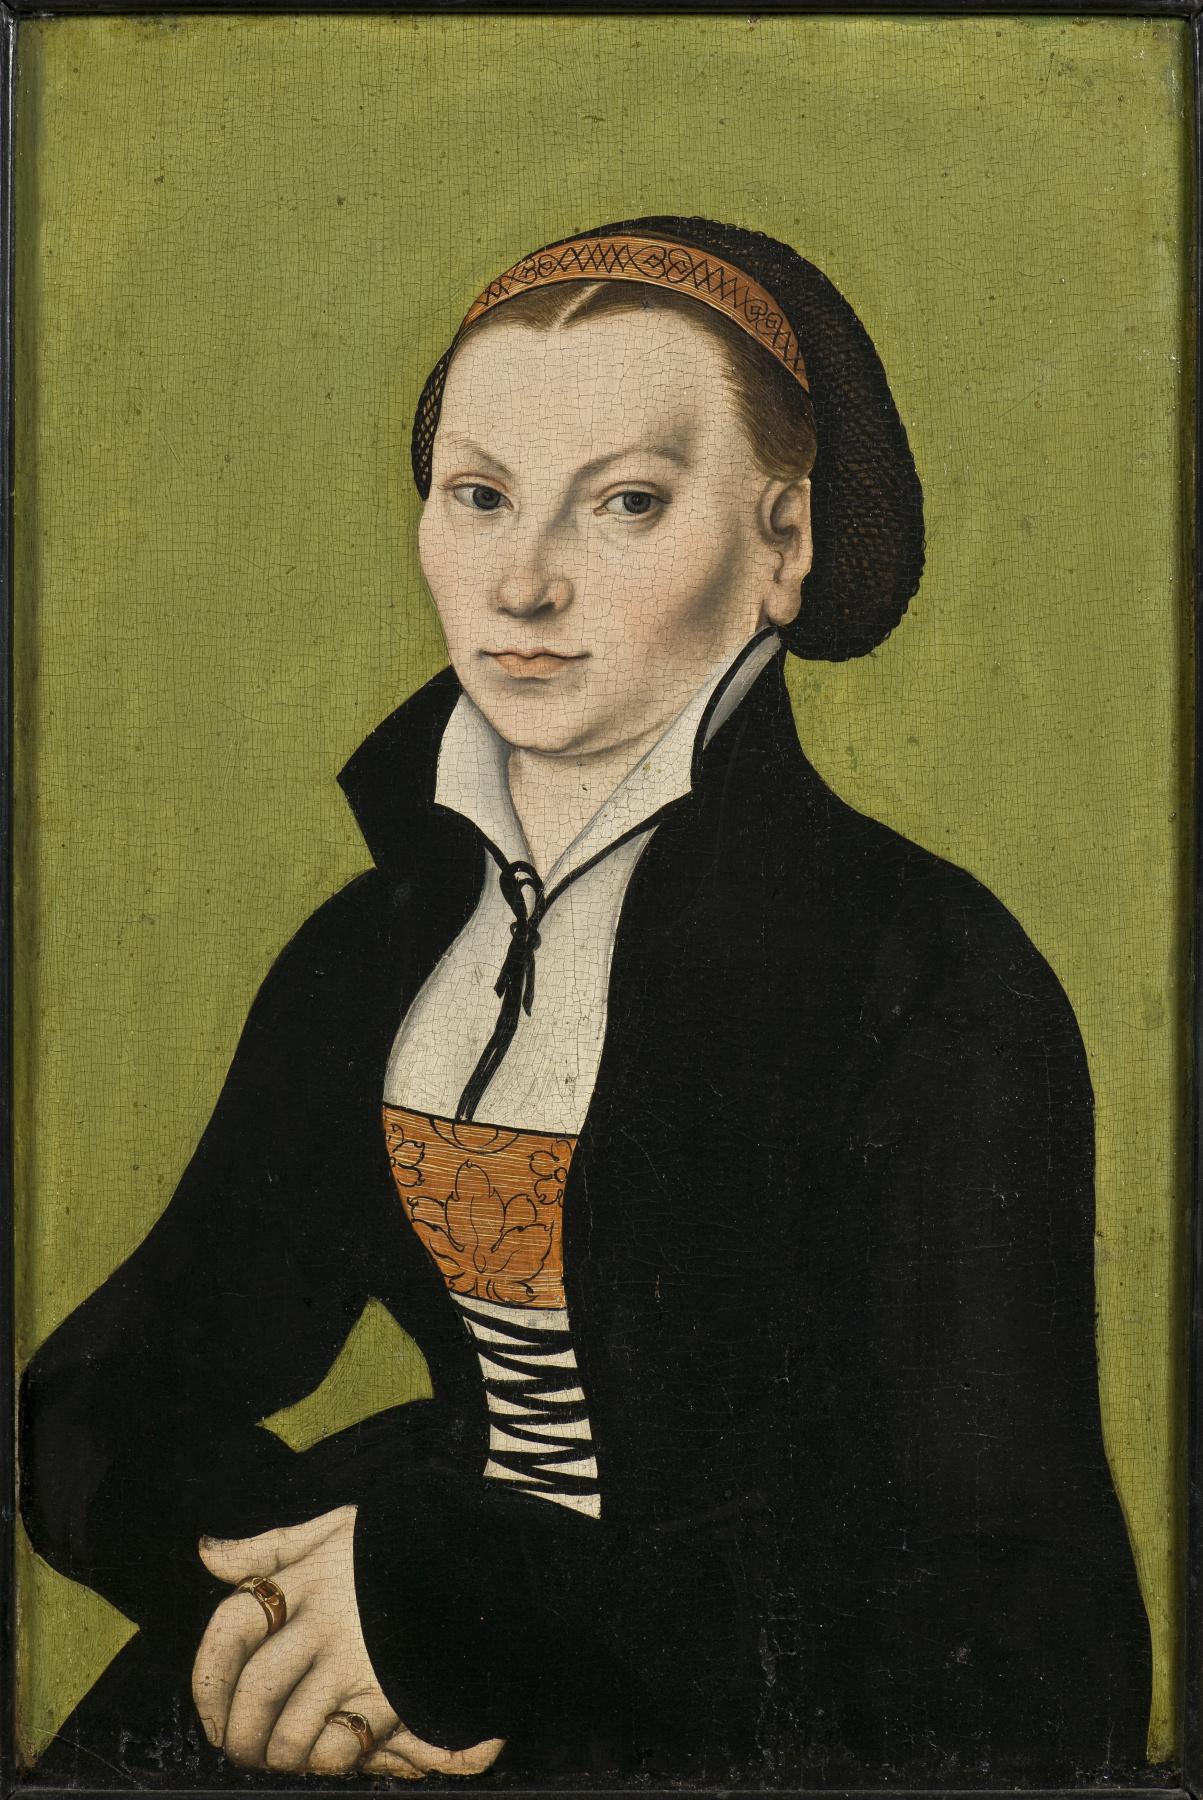 Lucas Cranach the Elder. Katharina von Bora, wife of Martin Luther